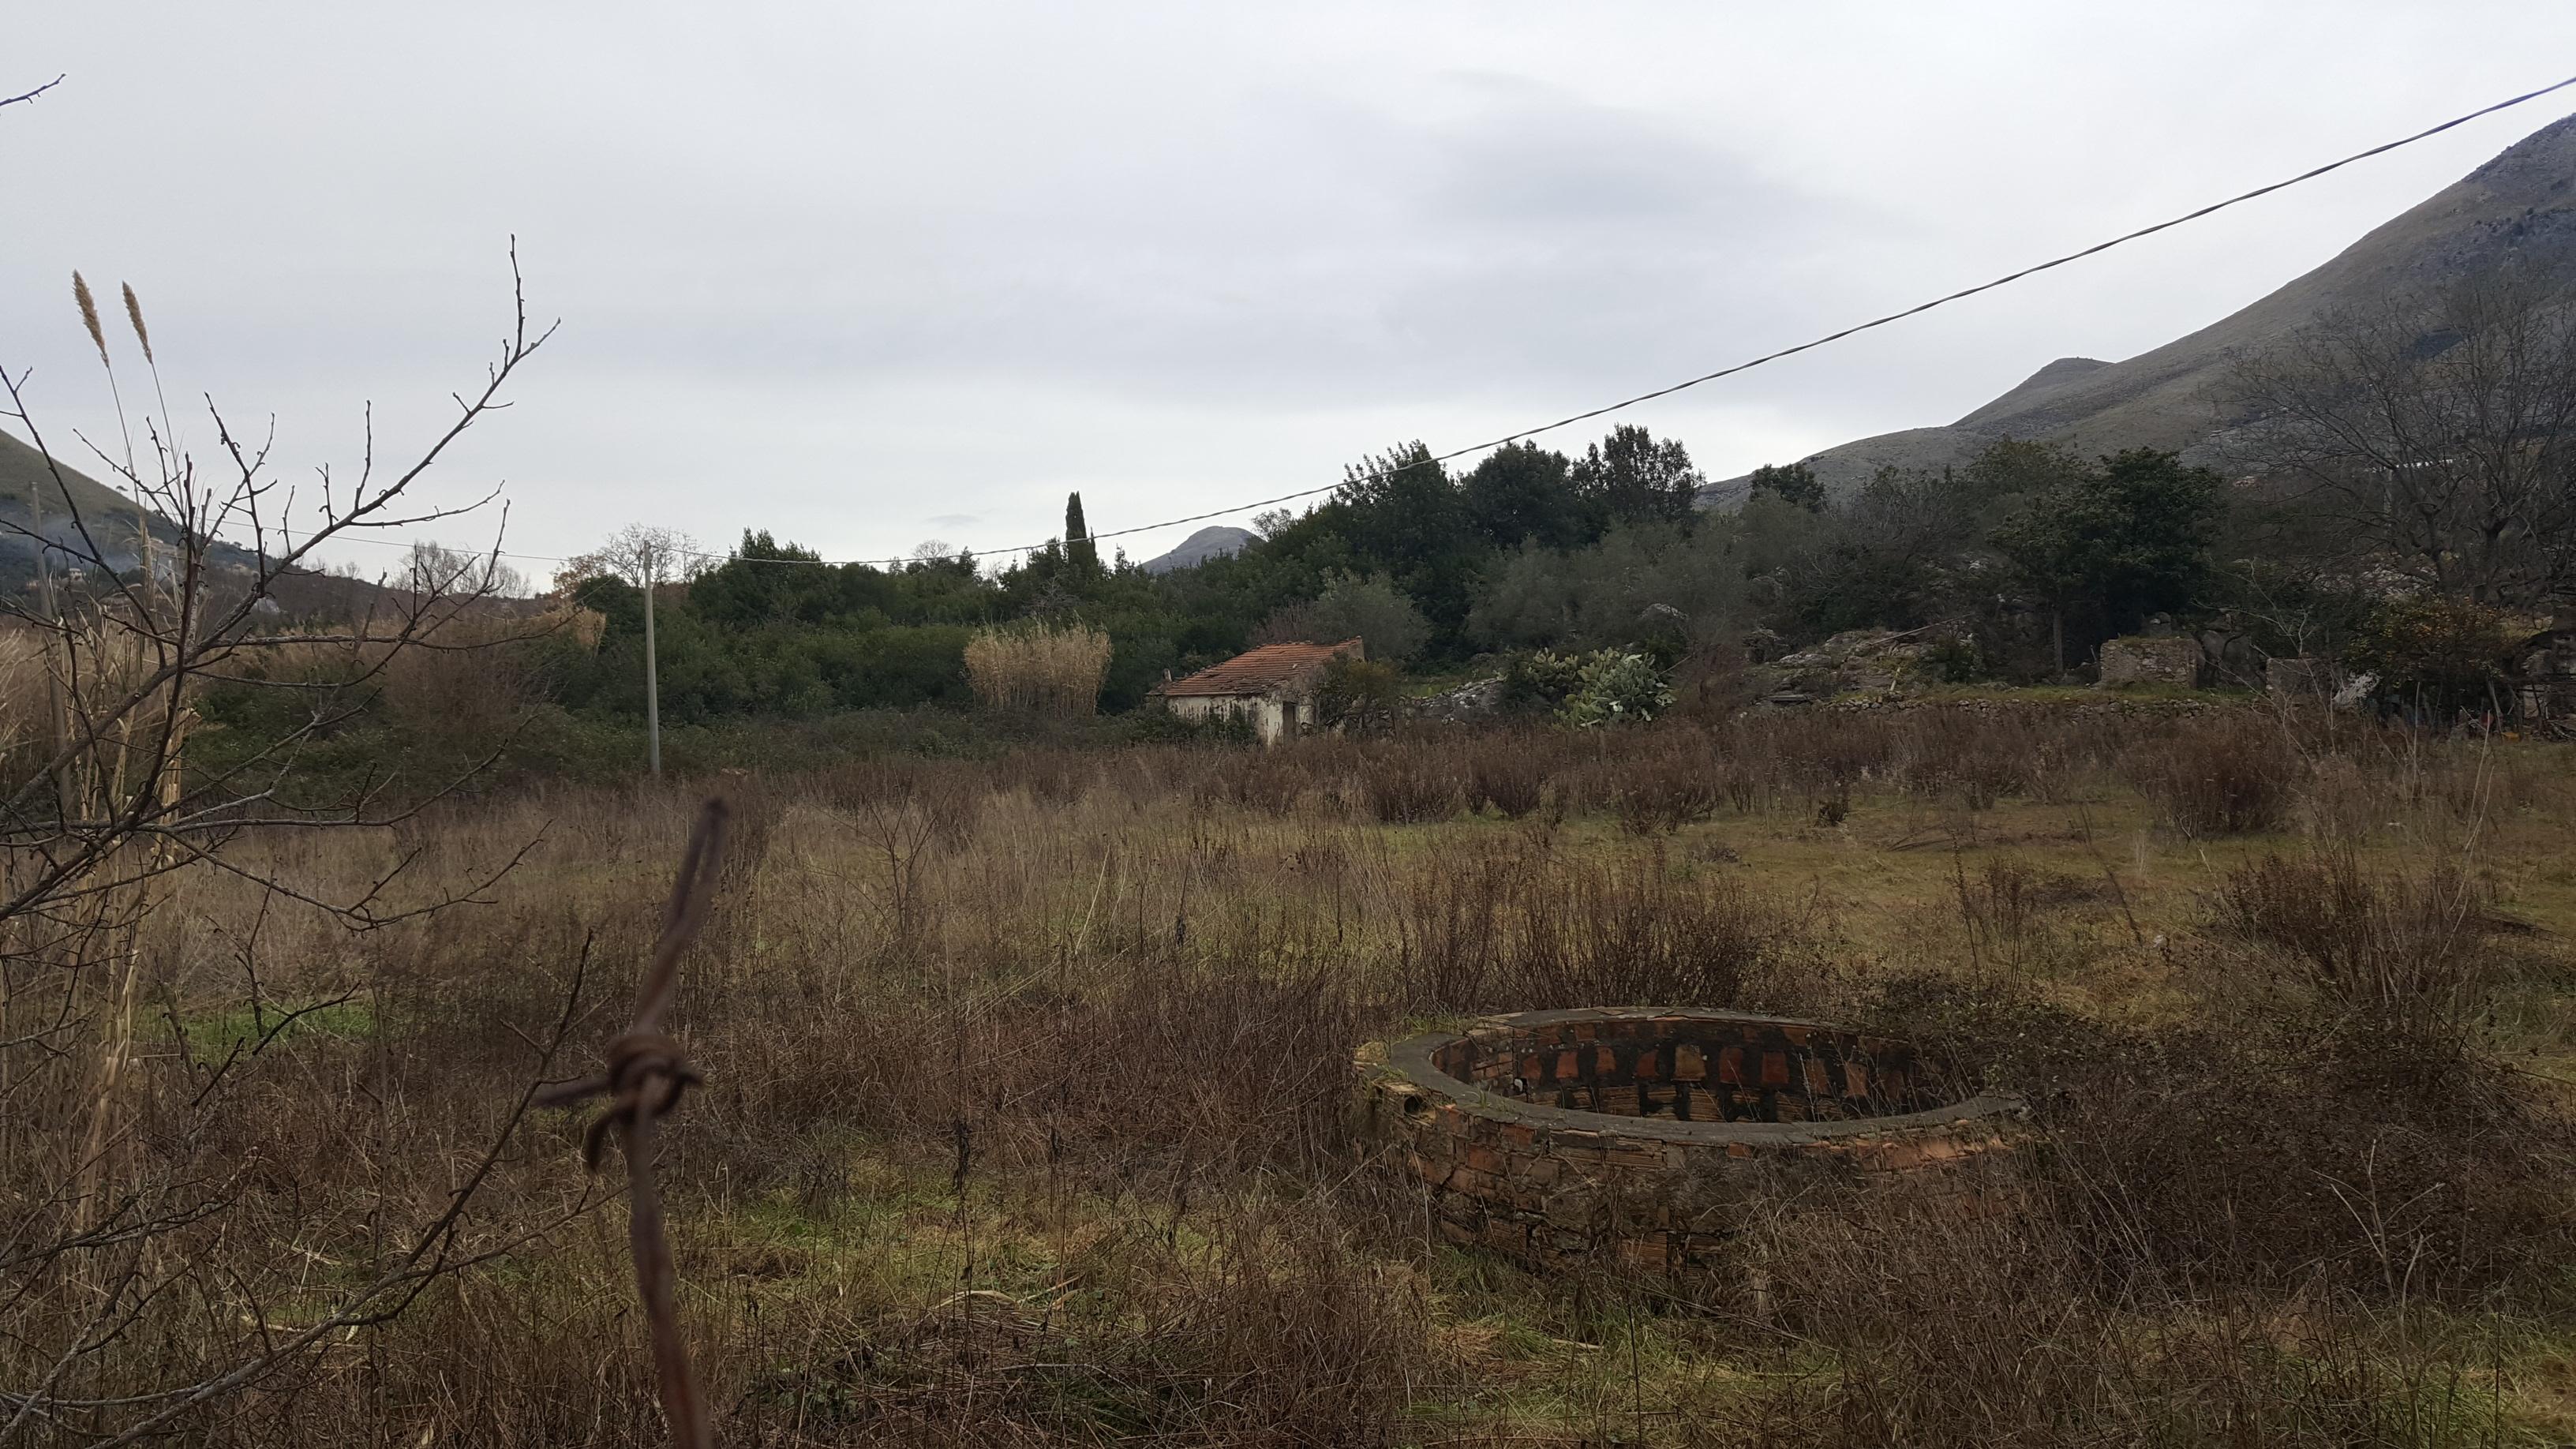 Terreno Agricolo in vendita a Gaeta, 1 locali, prezzo € 75.000 | CambioCasa.it